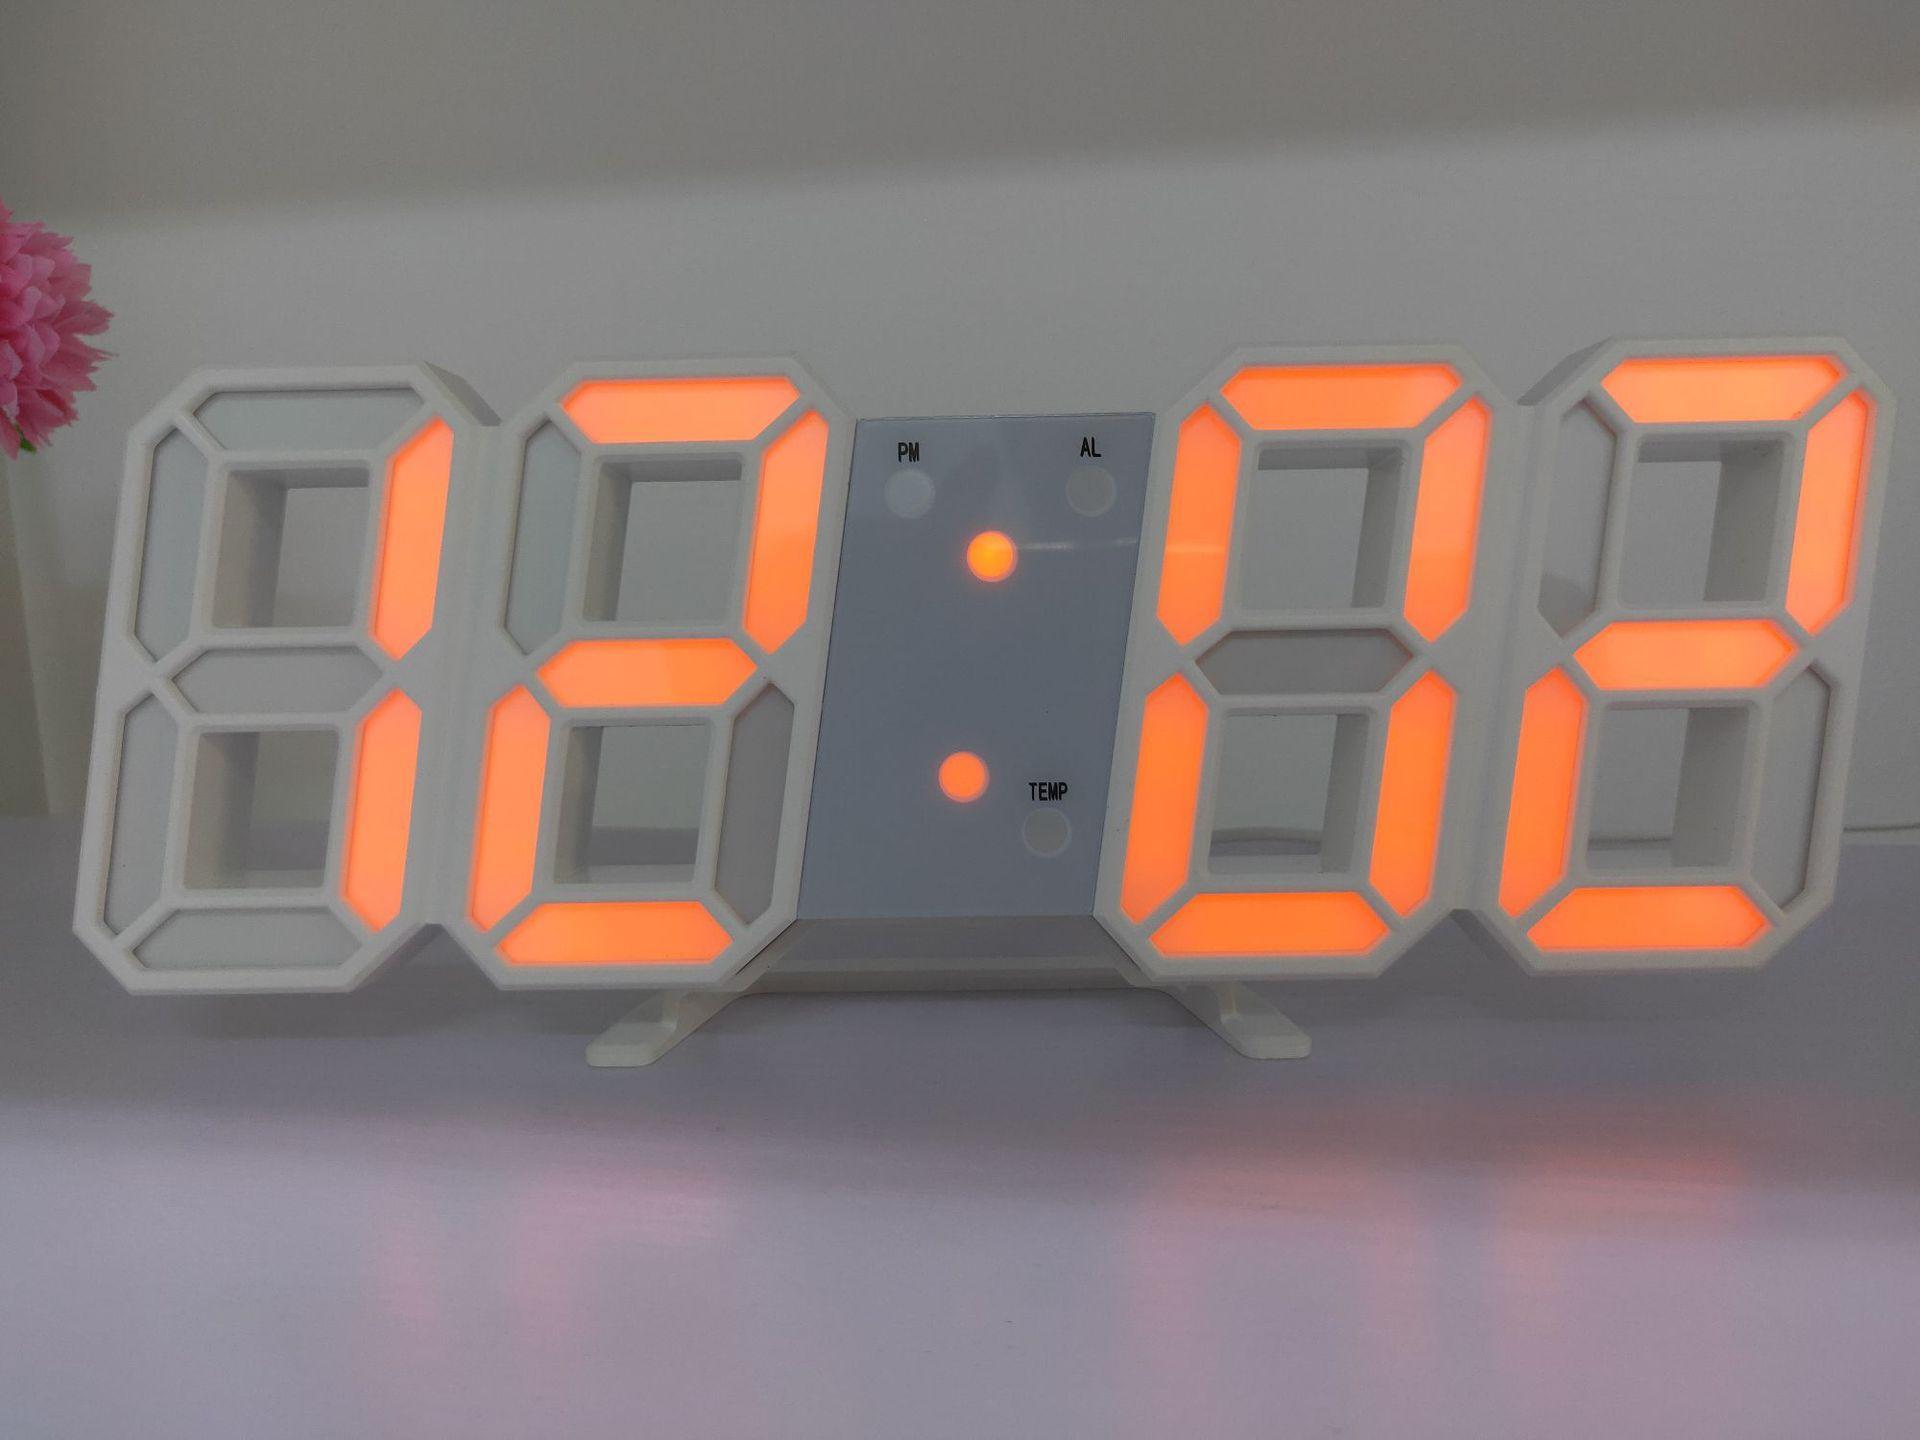 Đồng Hồ LED Treo Tường 3D Phong Cách Hàn Quốc Giá Cực Ngầu